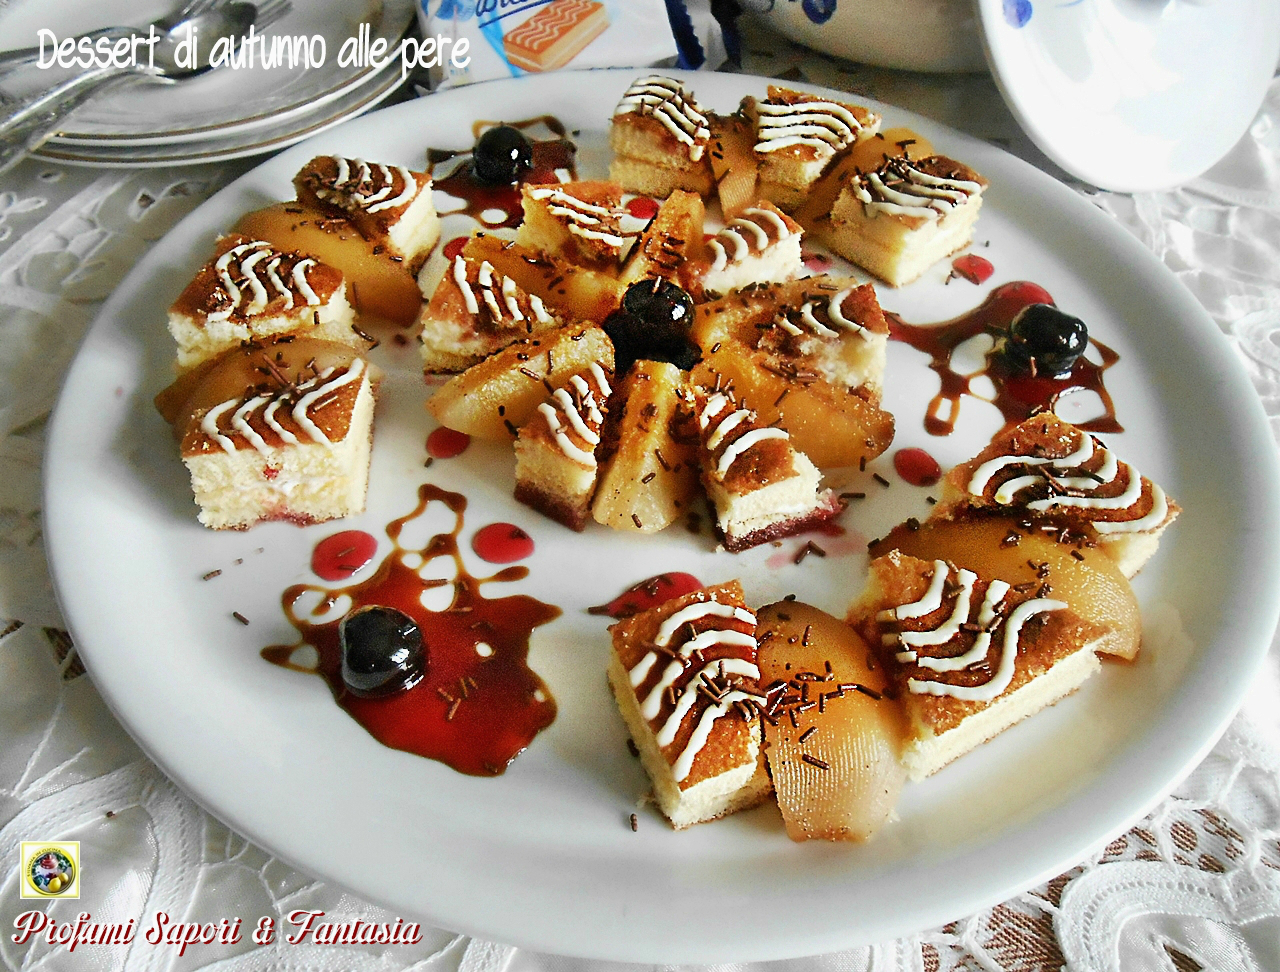 Dessert di autunno alle pere Blog Profumi Sapori & Fantasia